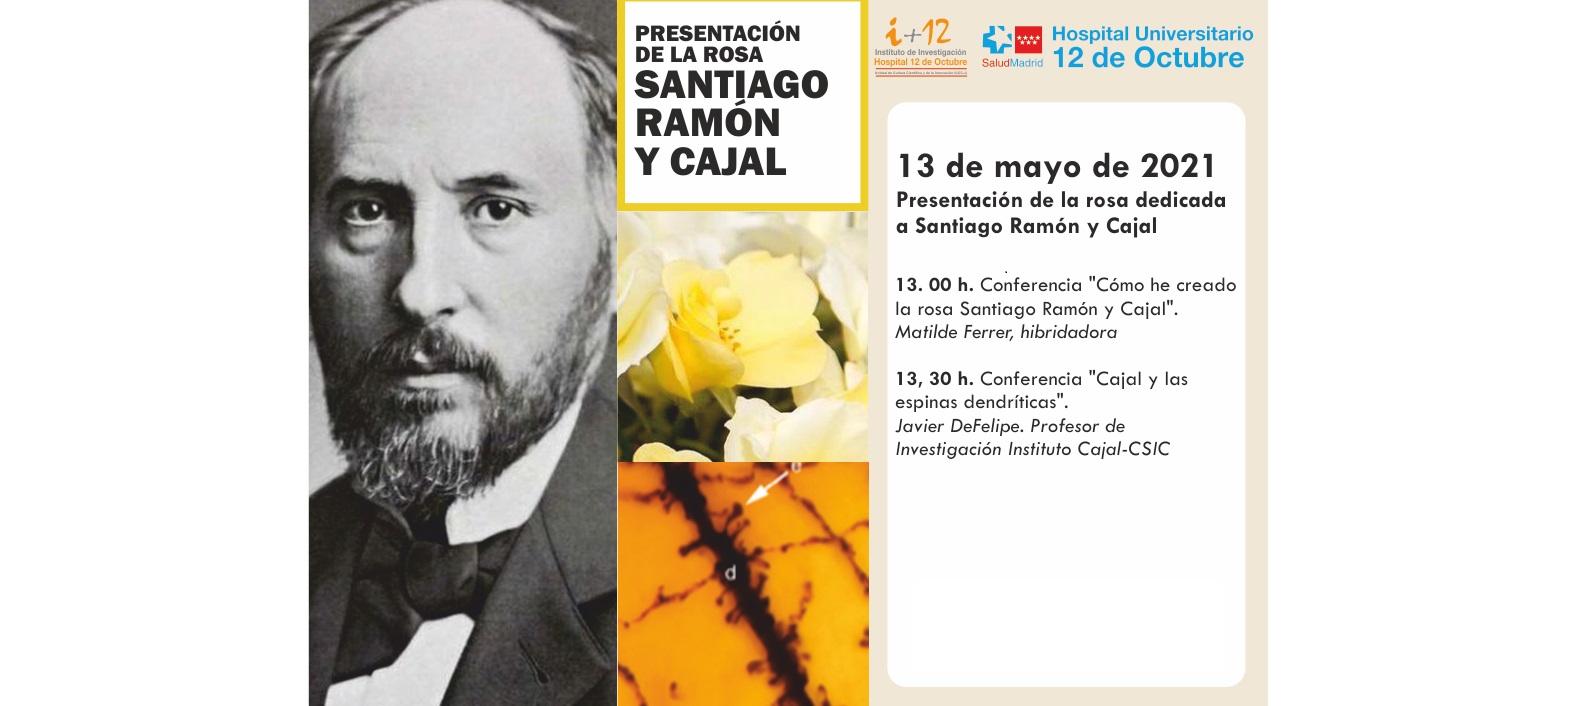 """Conferencia """"Presentación de la rosa dedicada a Santiago Ramón y Cajal"""". Jueves 13 de mayo de 2021, a las 13:00 horas. Evento OnLine en directo."""